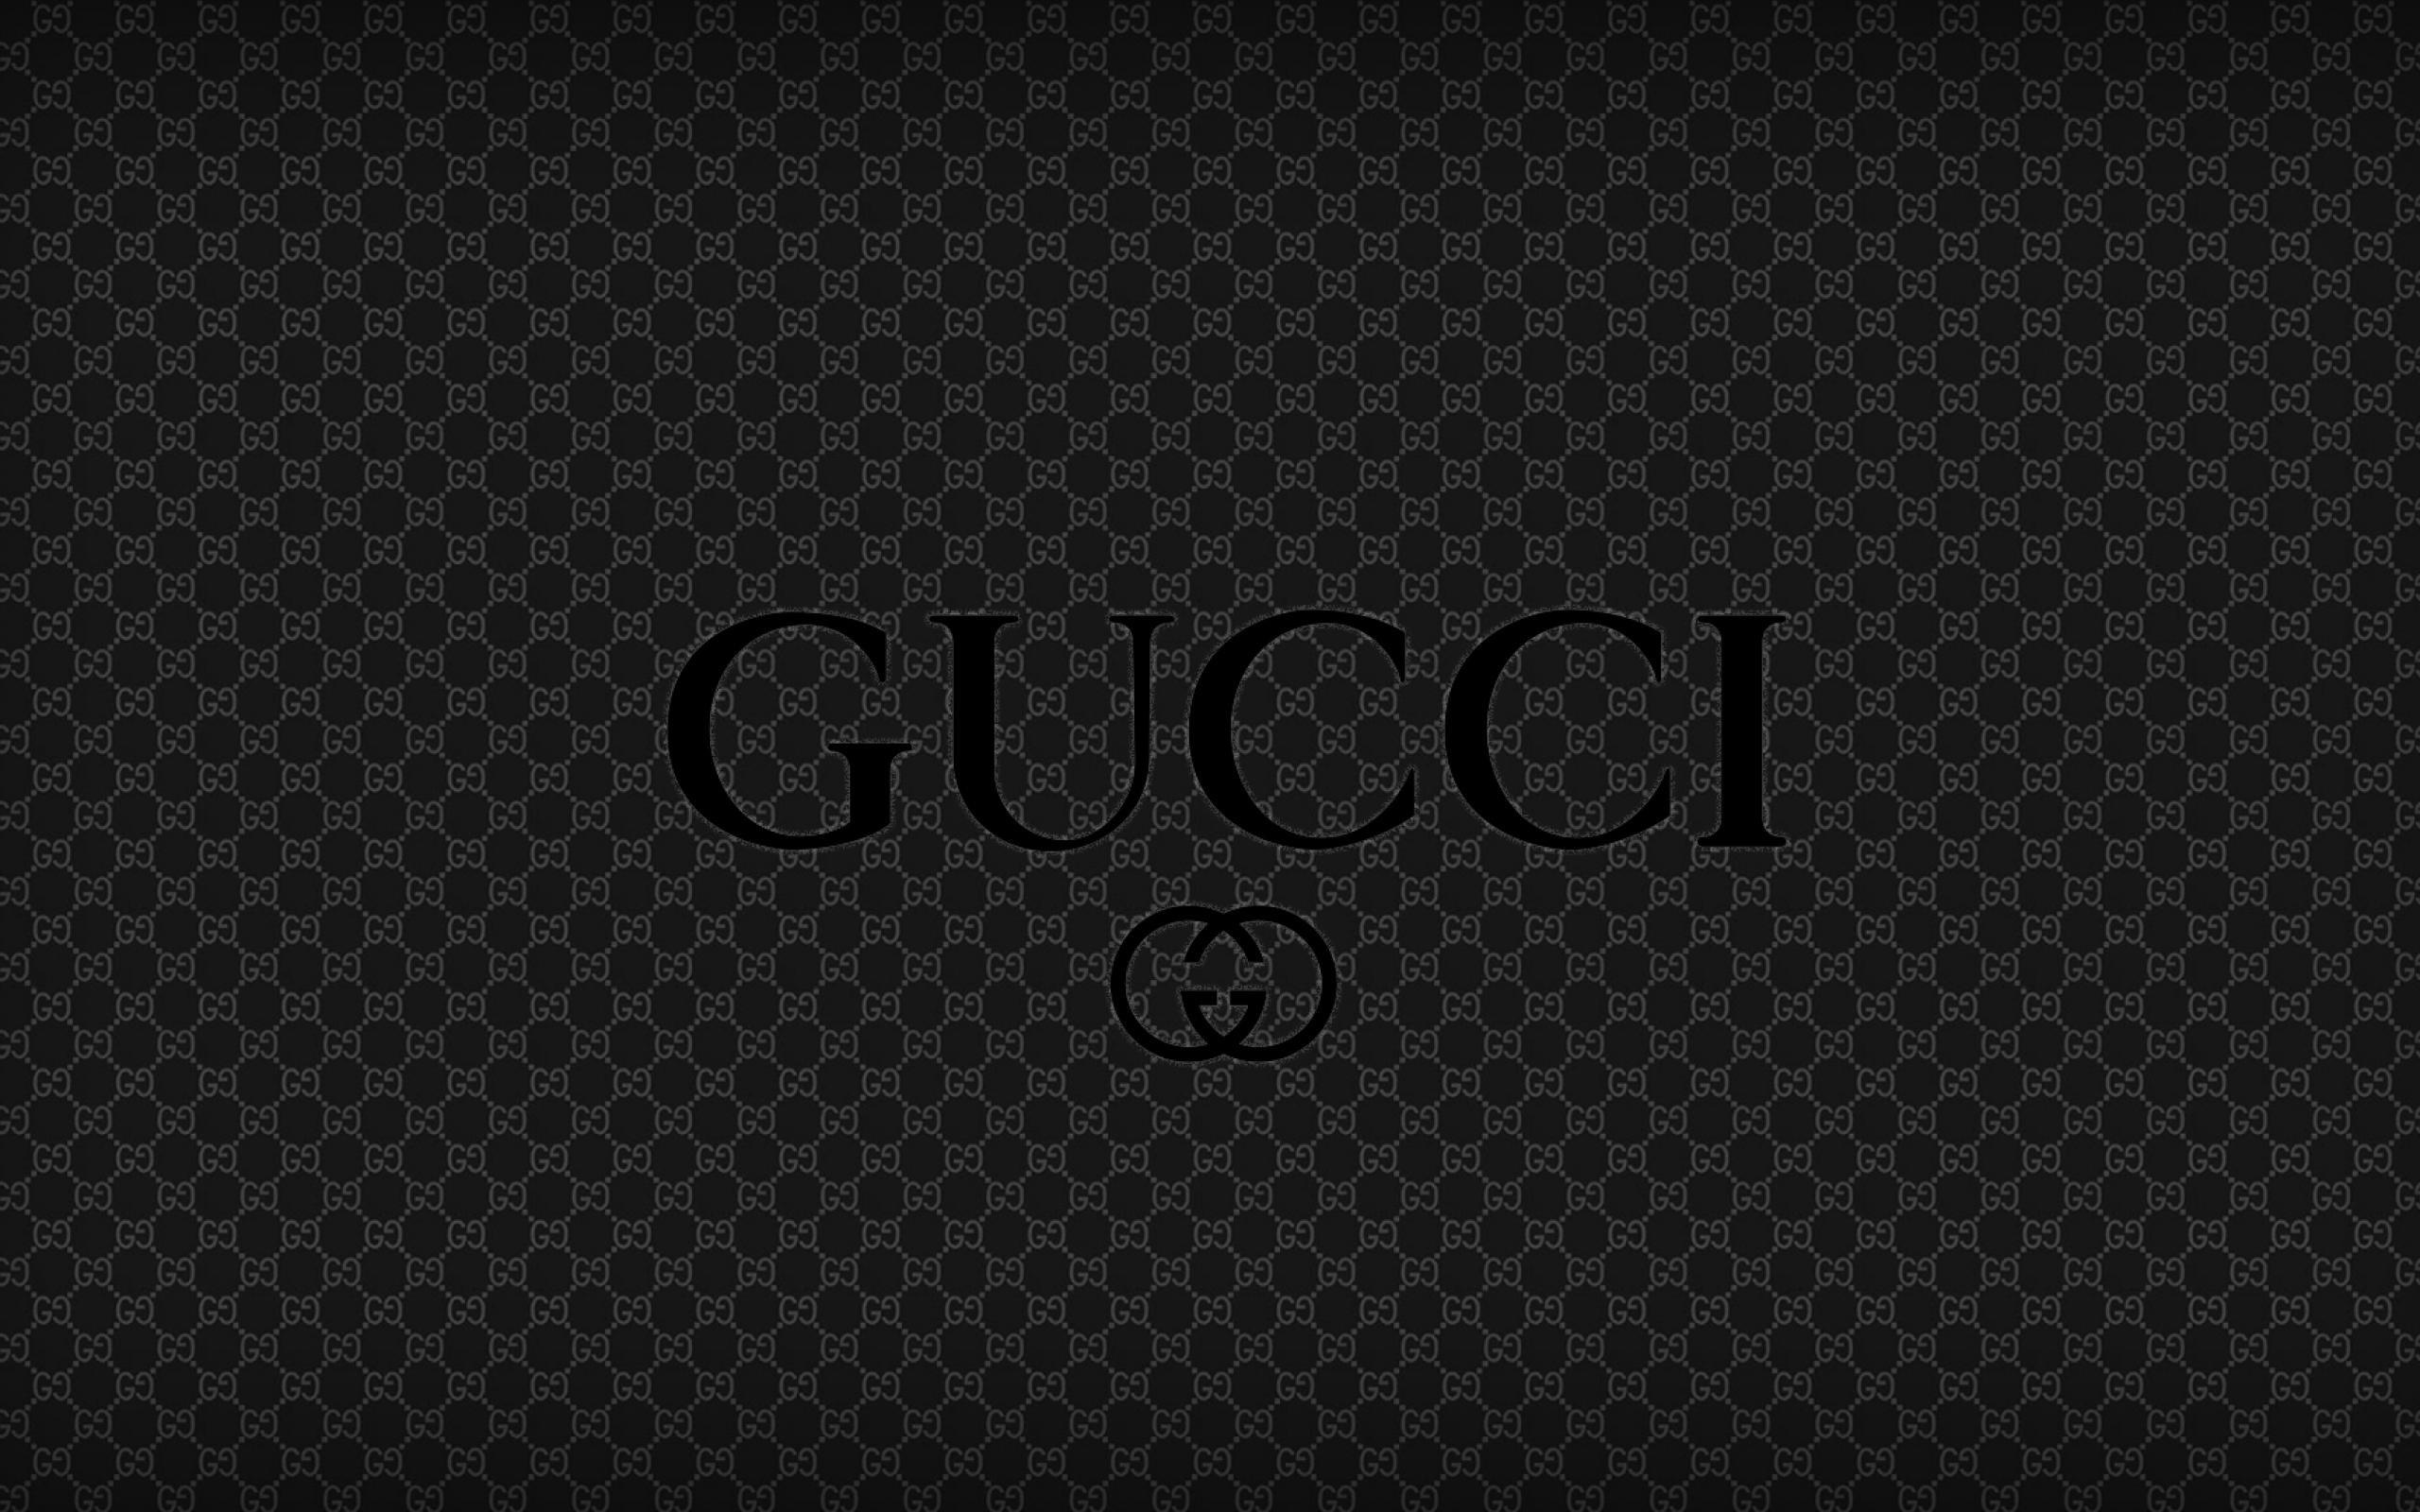 Black snake skin wallpaper 55 images - Gucci desktop wallpaper ...